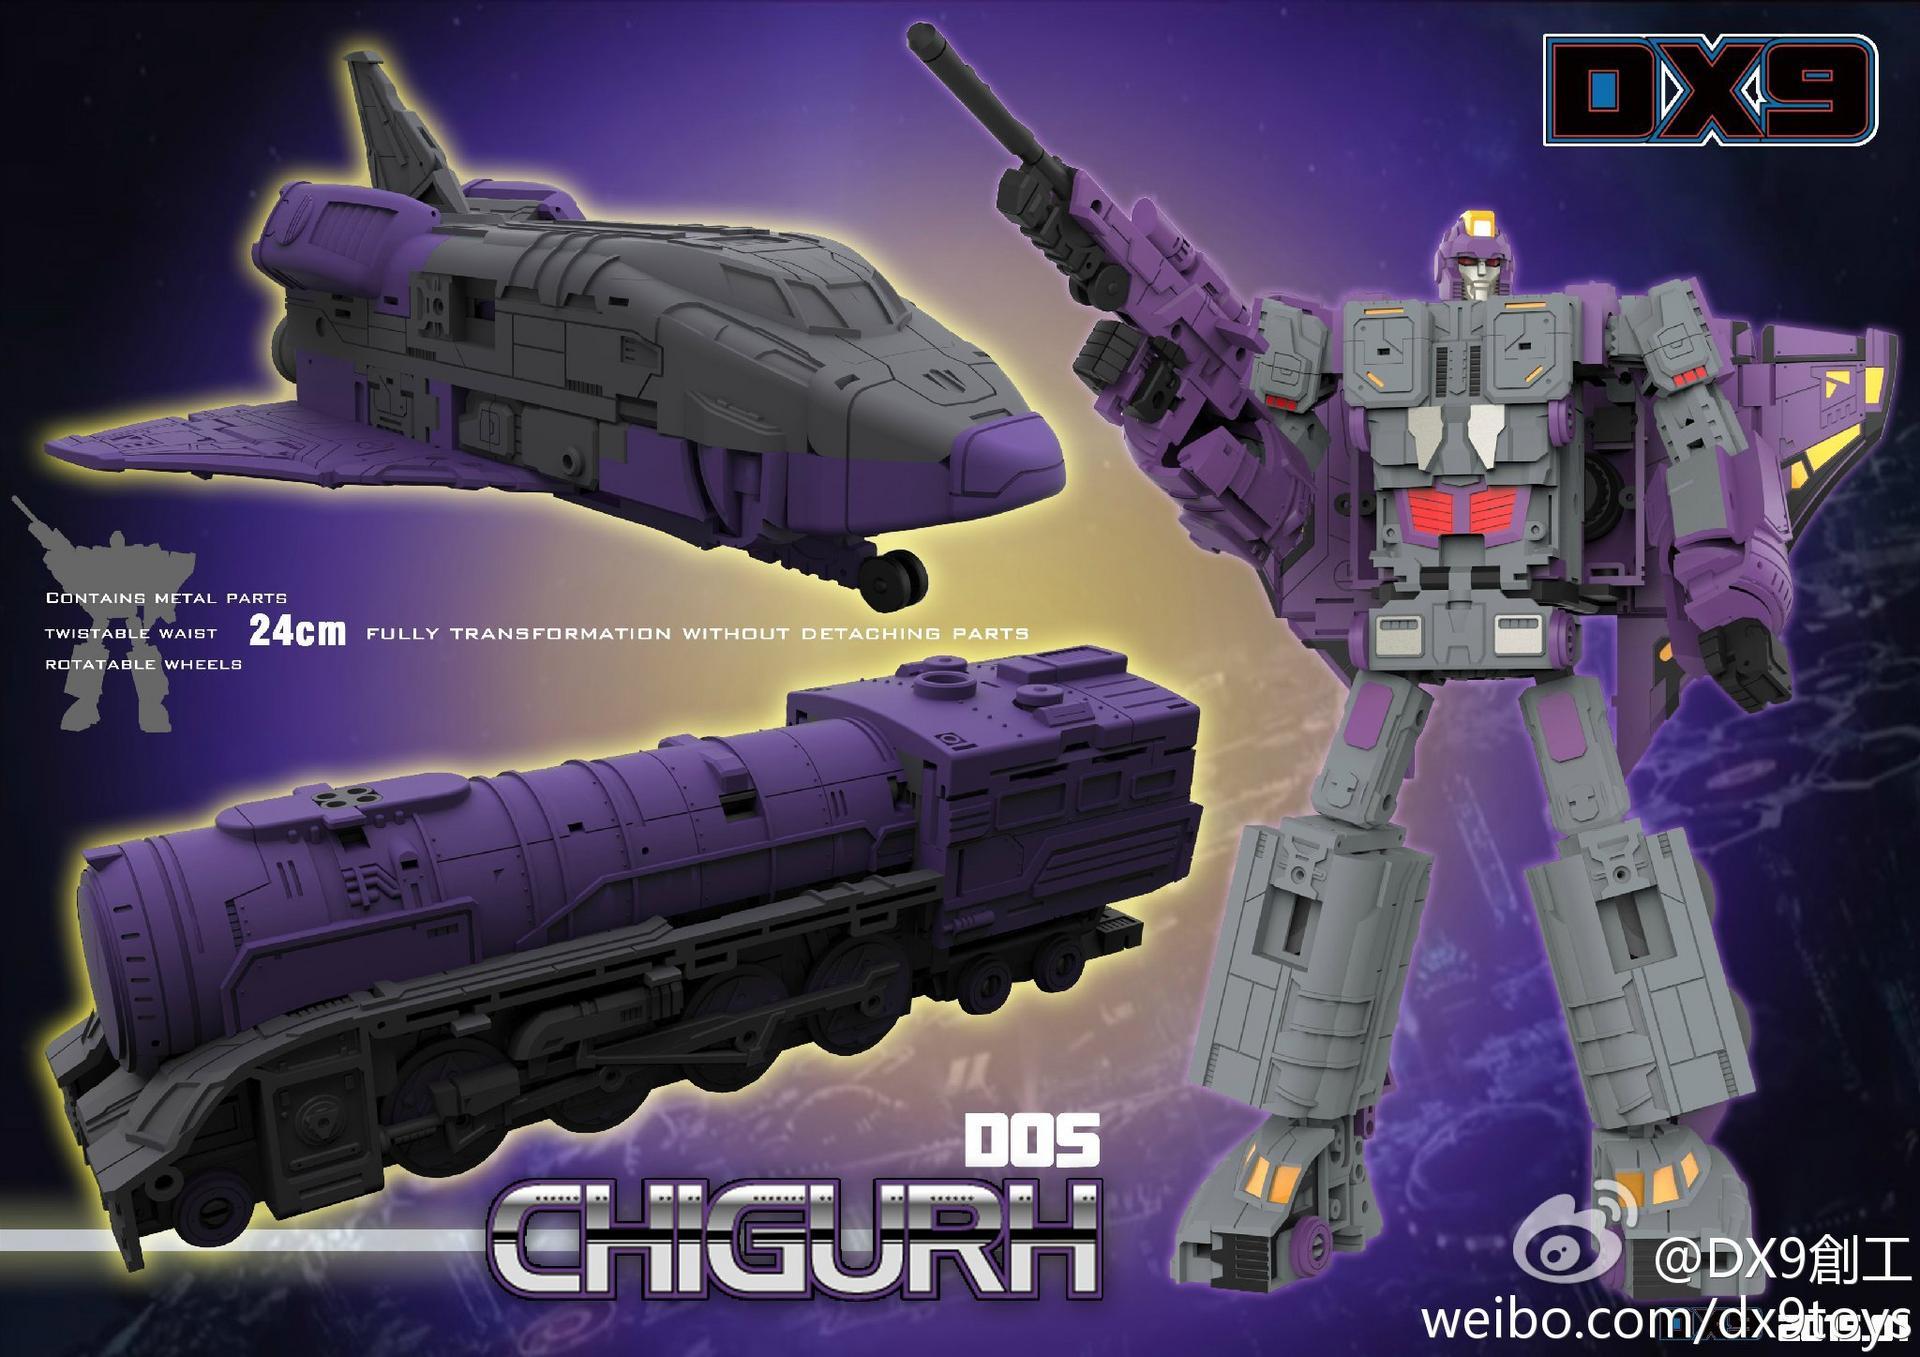 [DX9 Toys] Produit Tiers - Jouet Chigurh - aka Astrotrain 27475993d1414312276-dx9-toys-d05-chigurh-leader-mp-astrotrain-eb189eb5gw1elomvzko5dj21kw1477el_1414333746